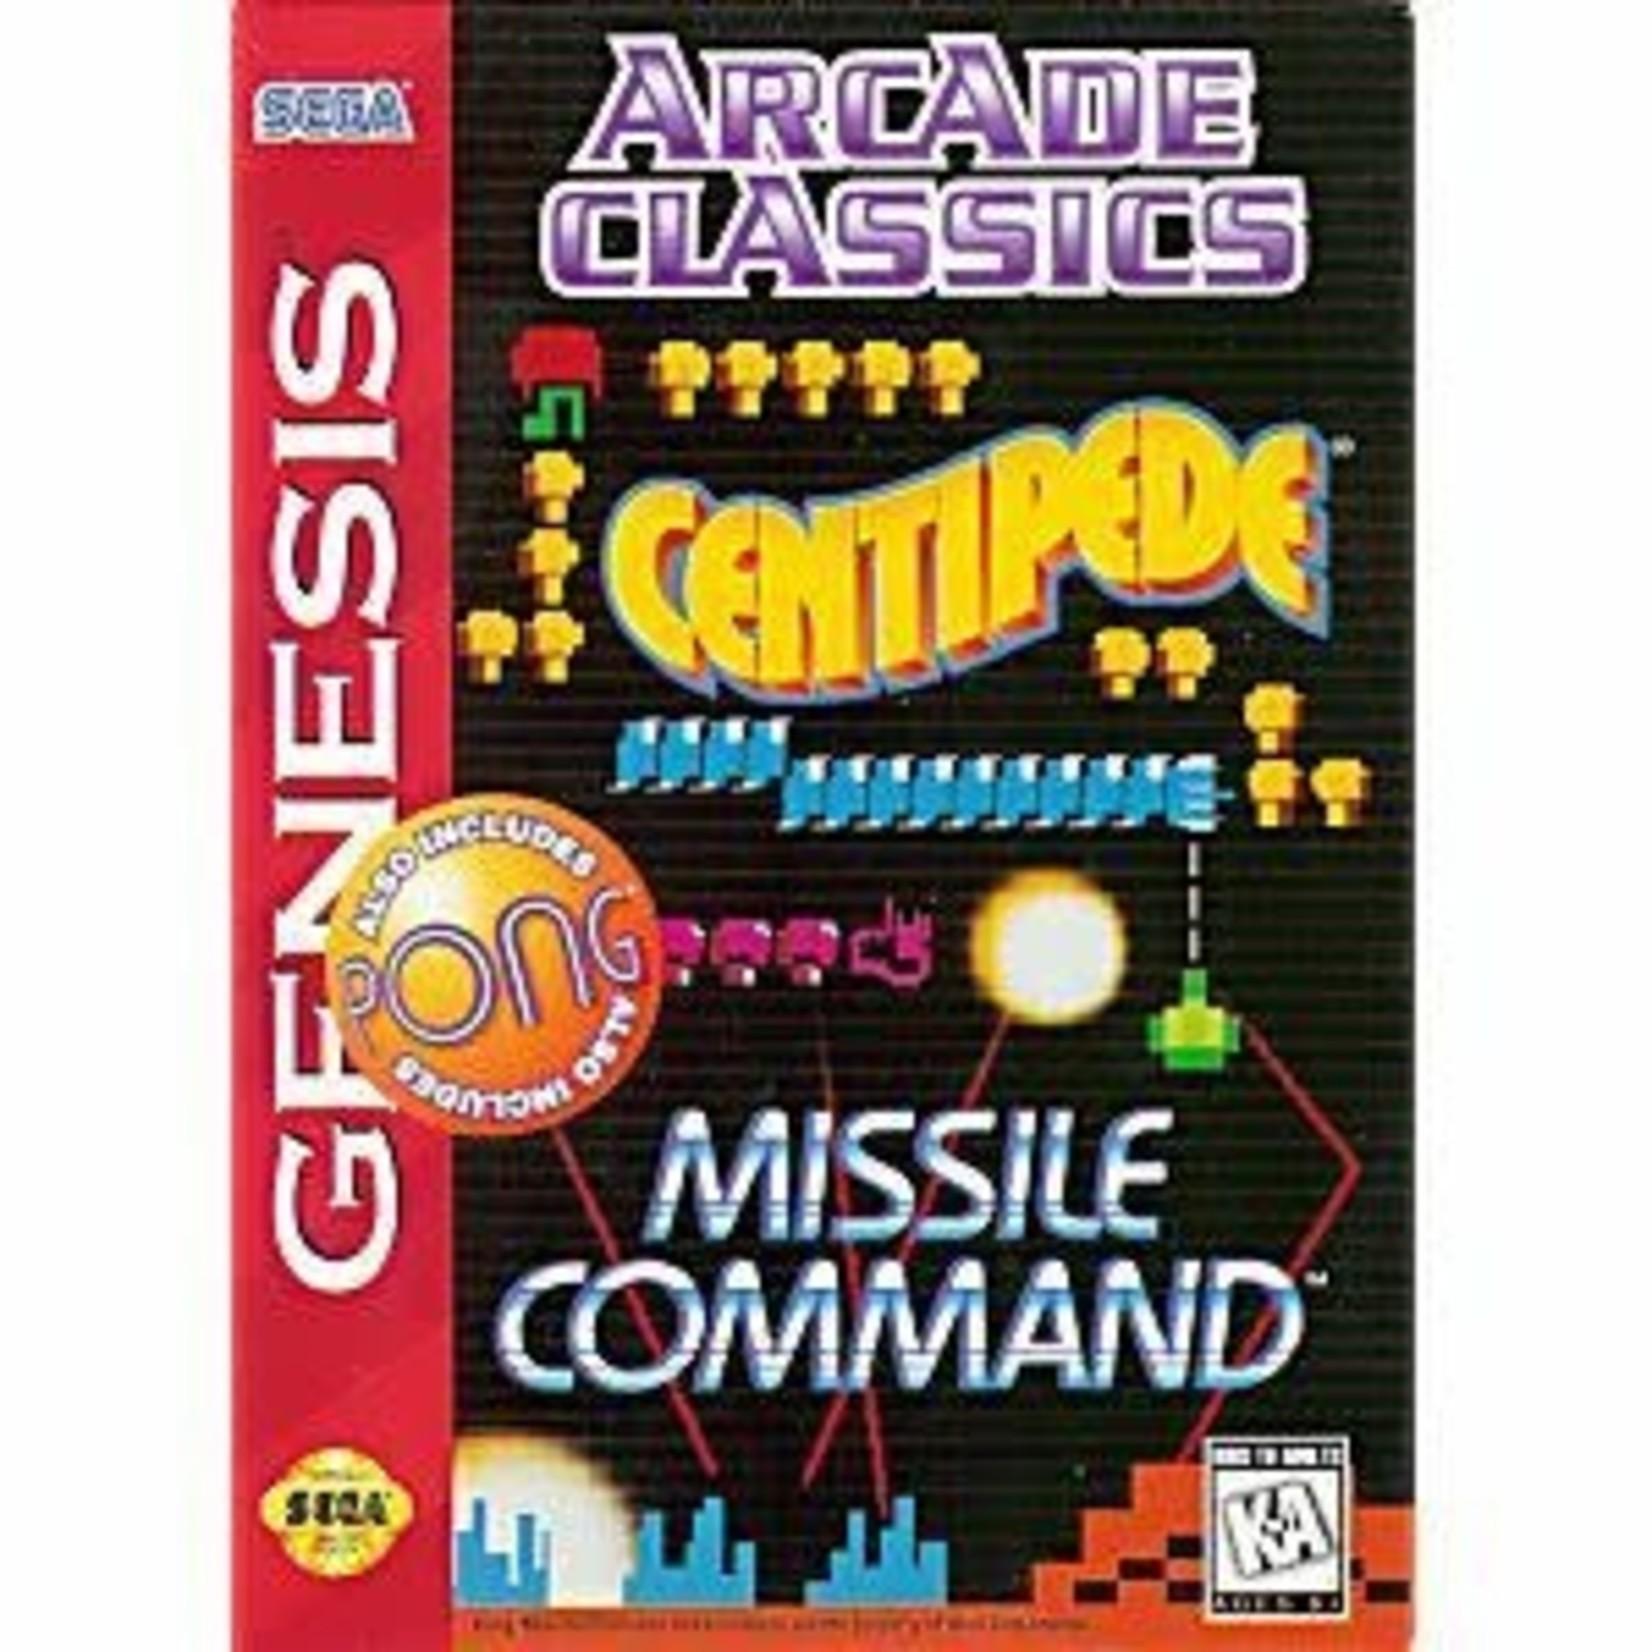 sgu-Arcade Classics (inbox)